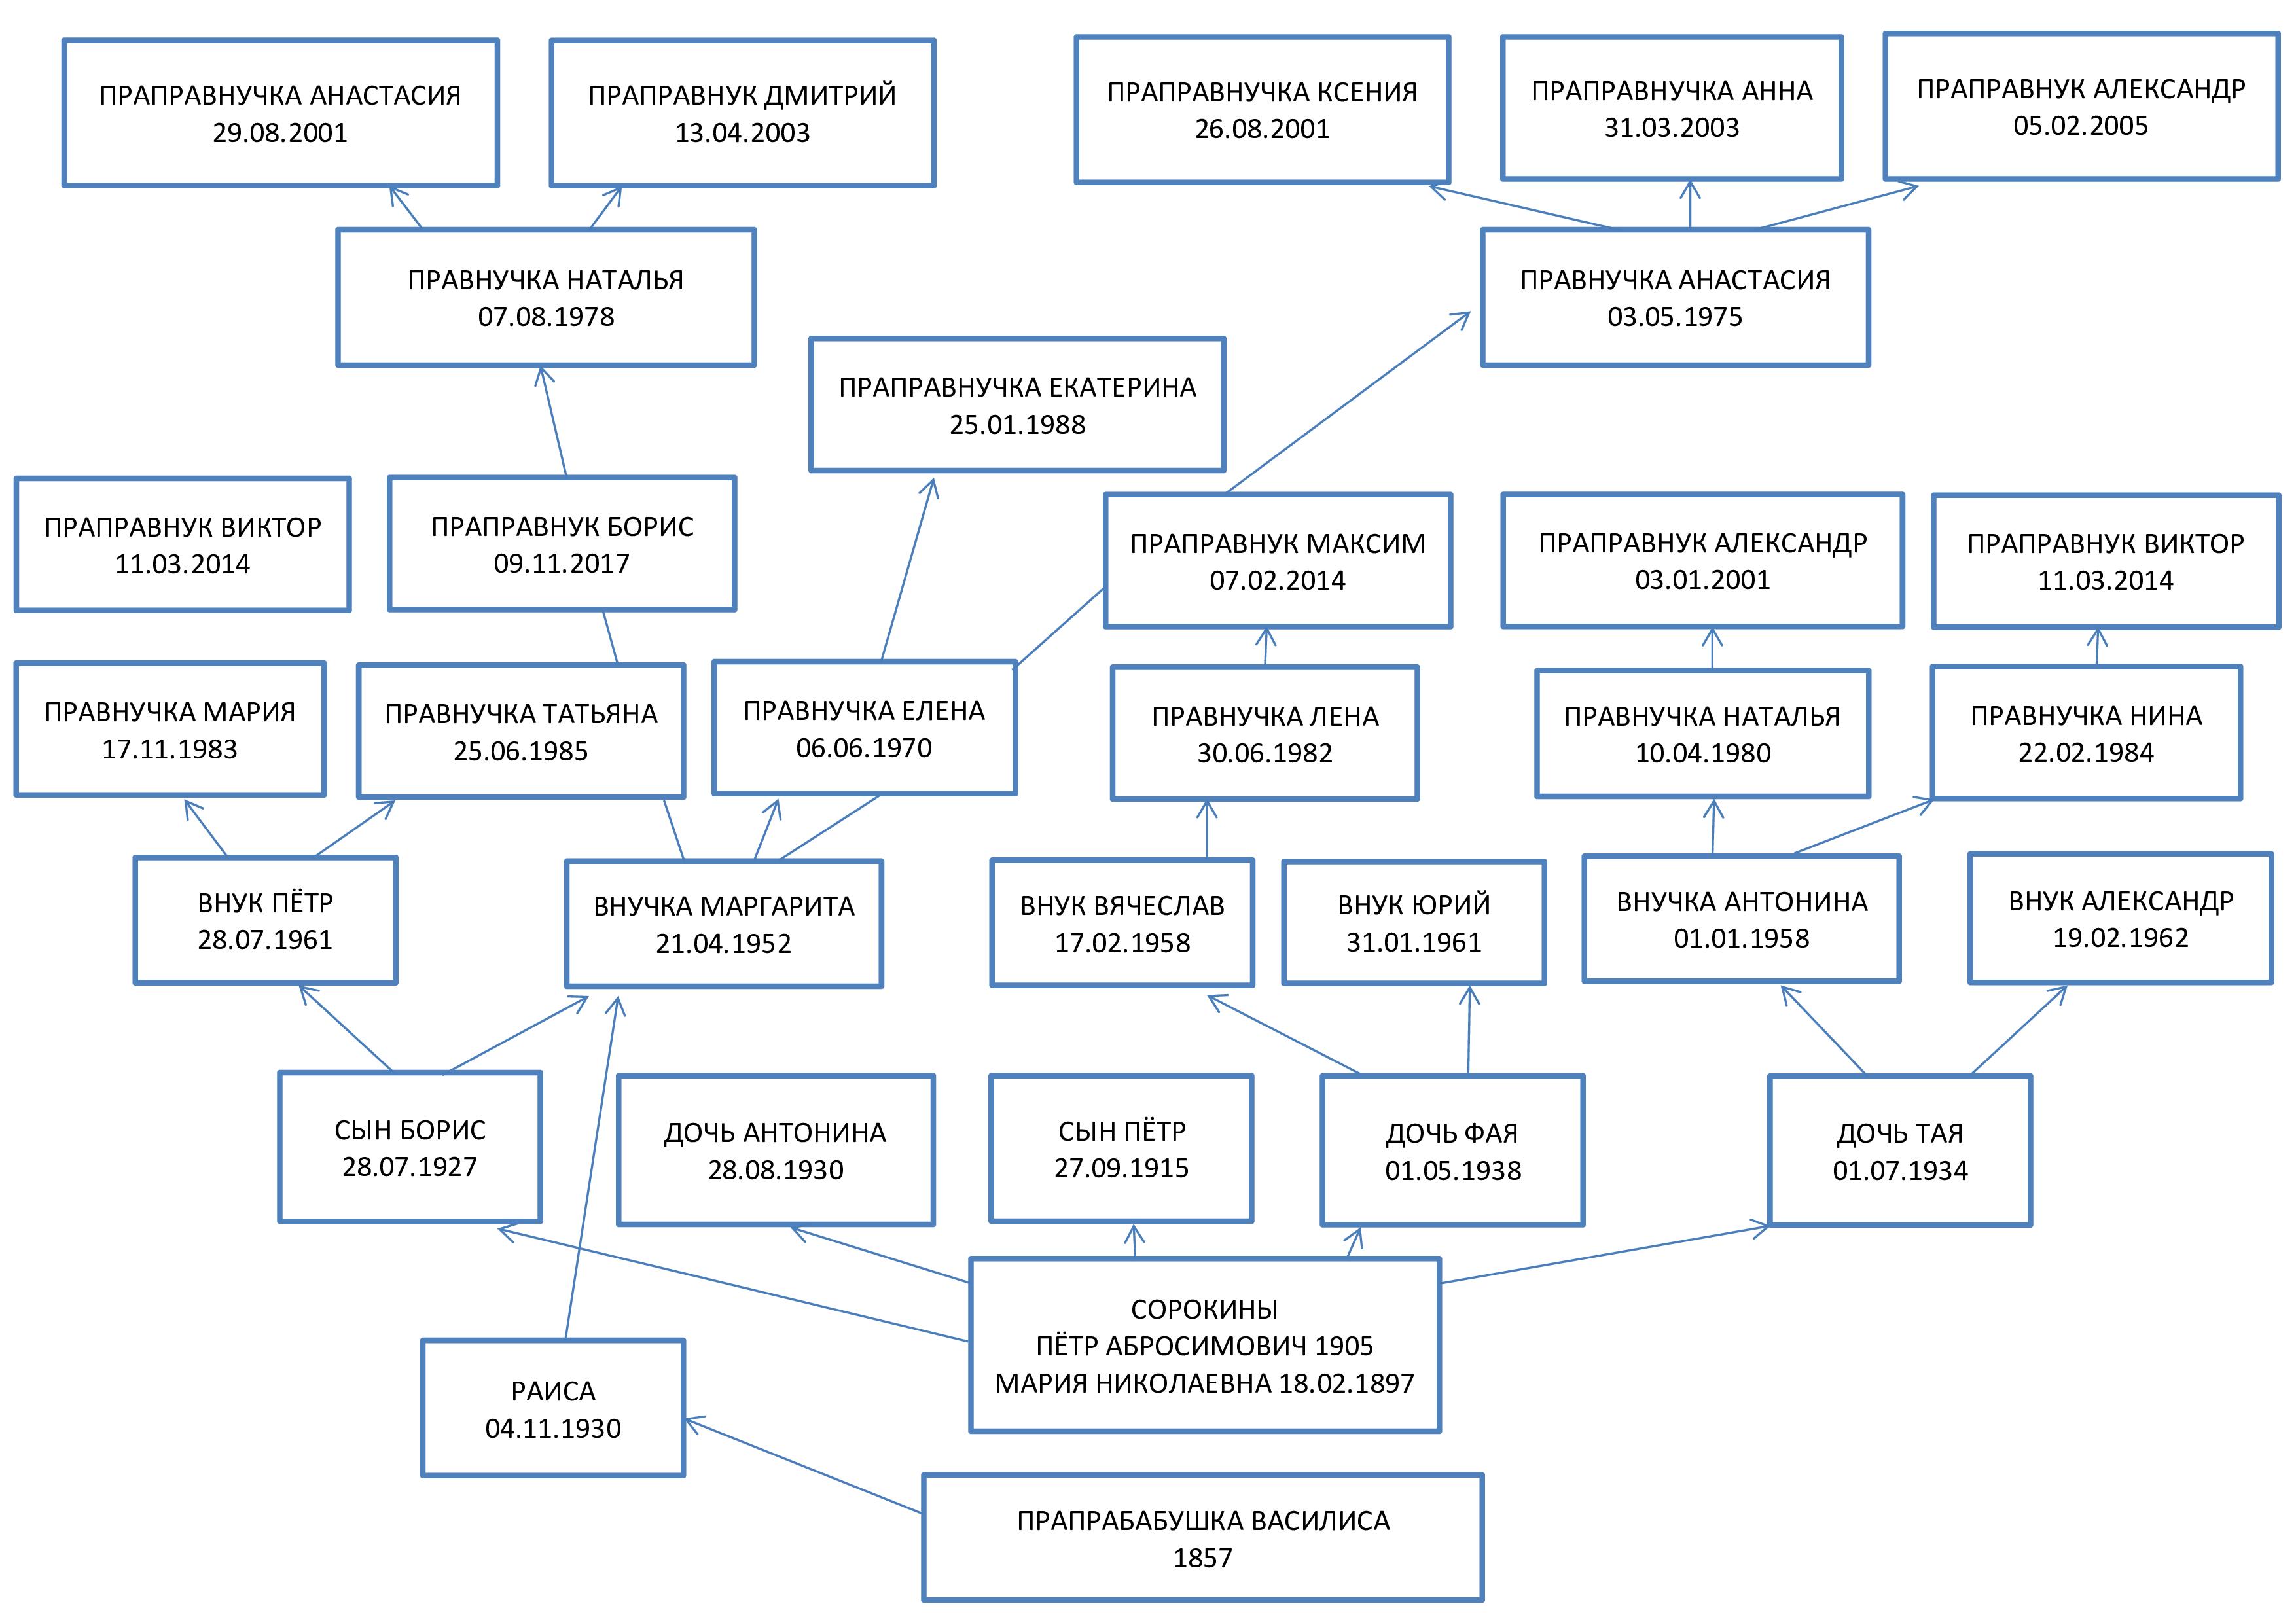 Генеологическое древо семьи Гавриловых (pdf.io)